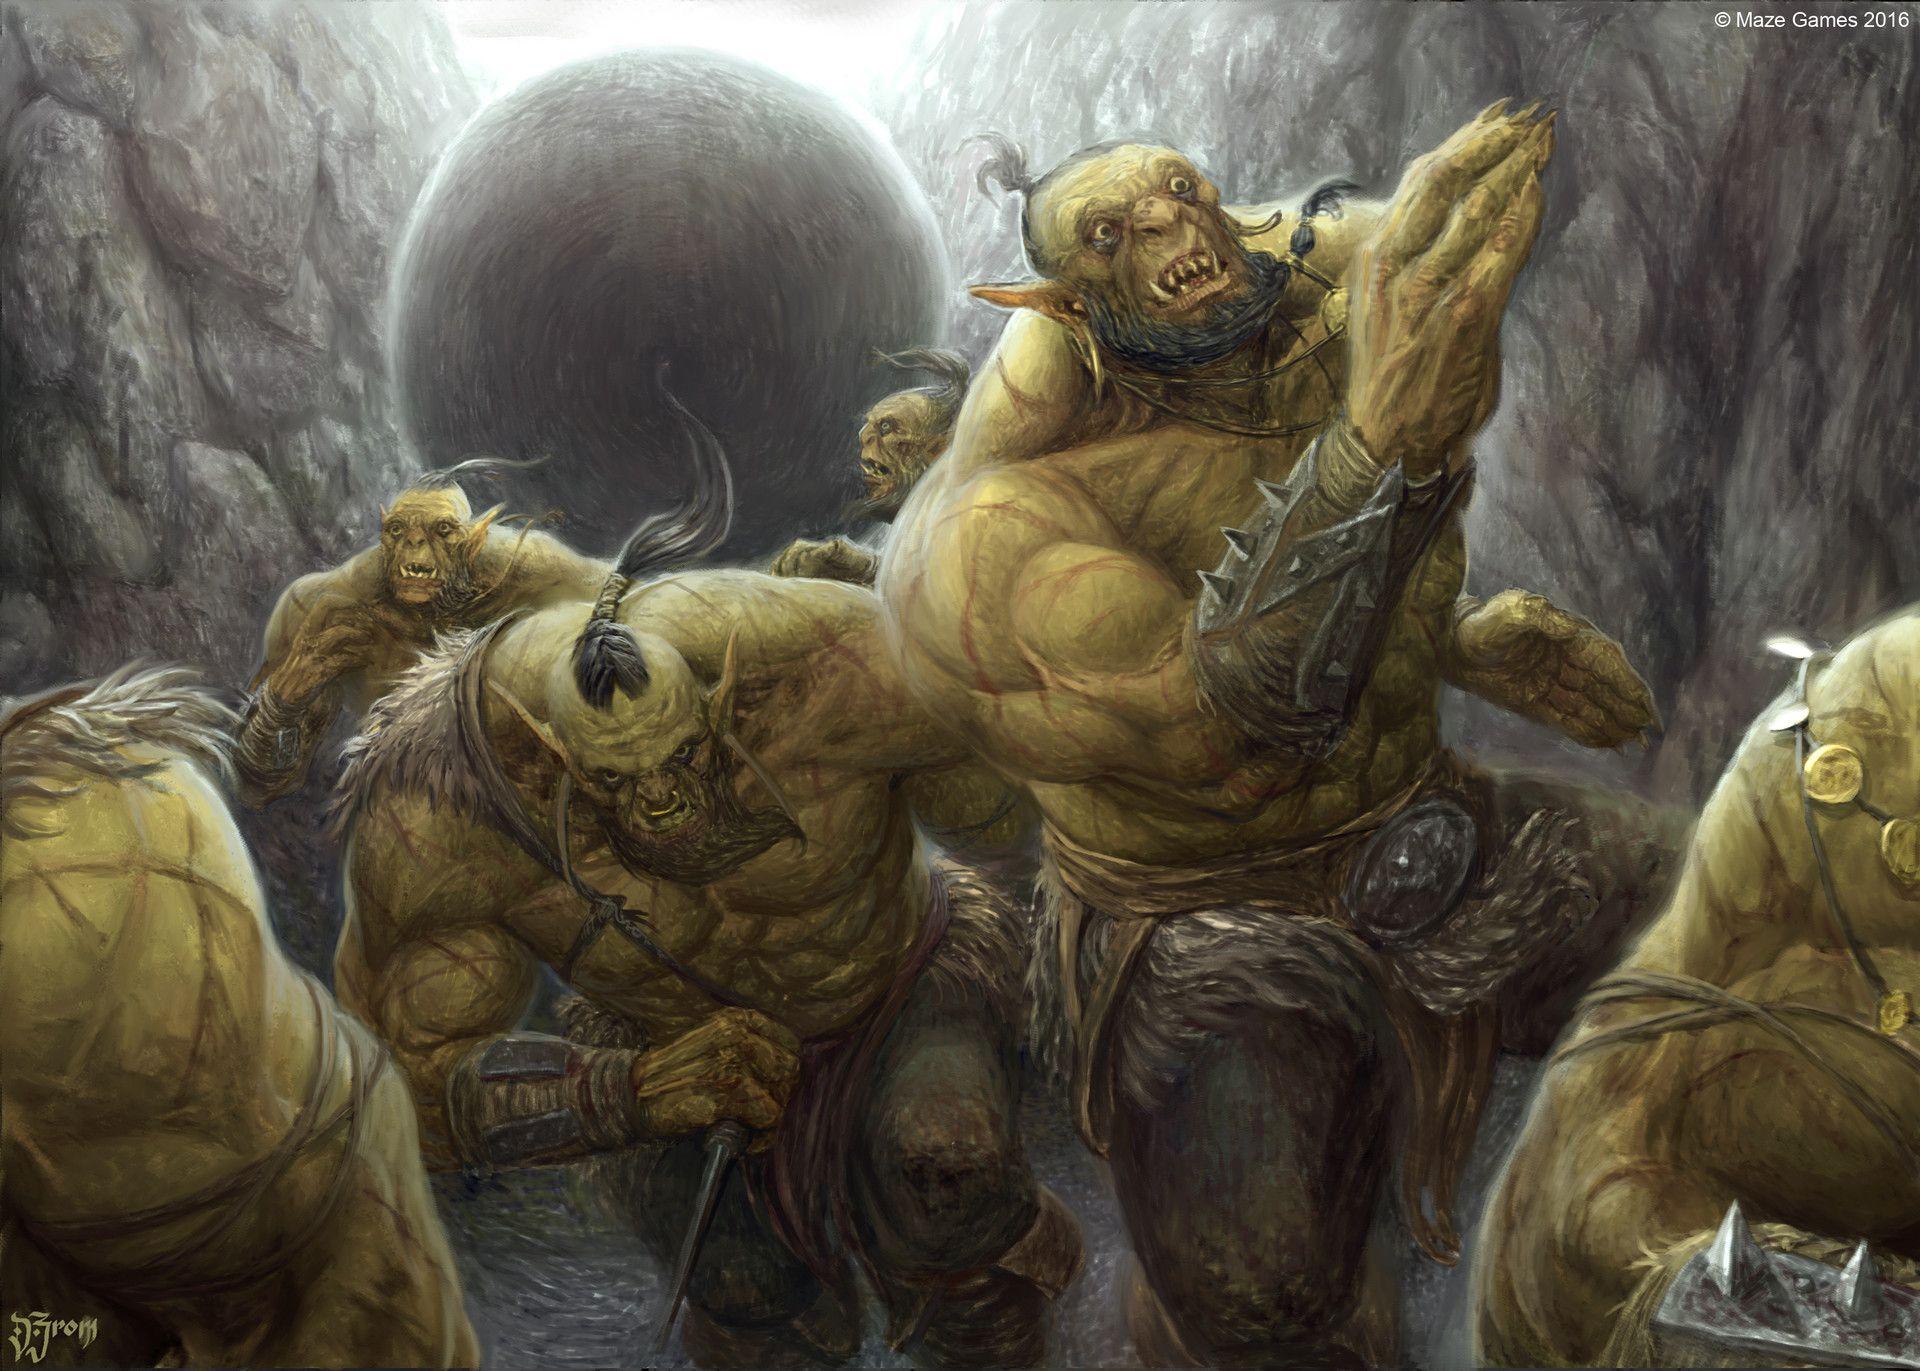 Épinglé Par Aaron Chadwick Sur Pubg: Épinglé Par Vincent Gariépy Sur Monstres Et Créatures